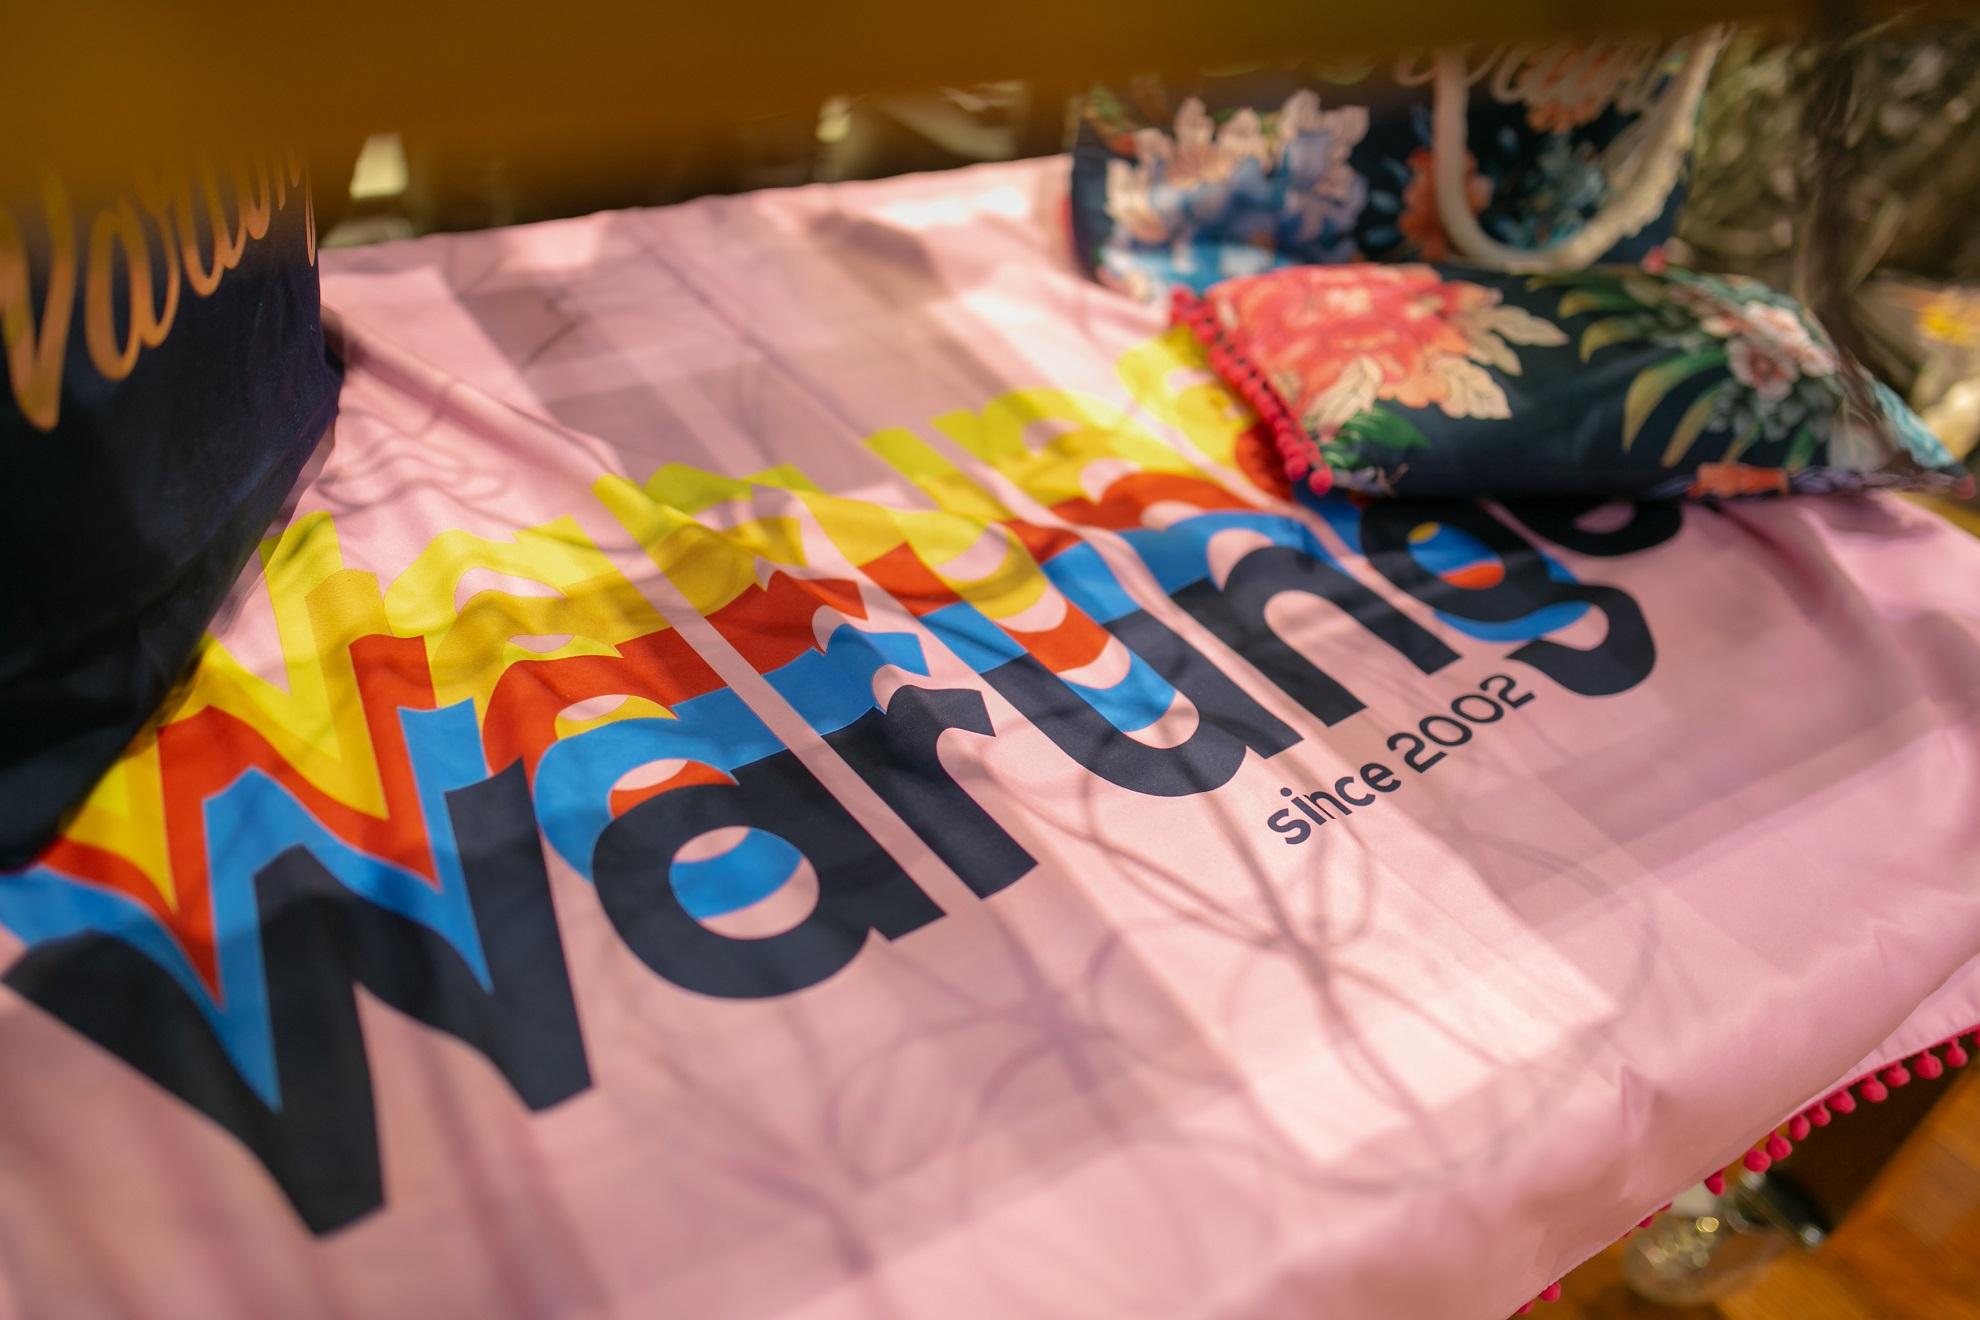 20_Warung Store_Crédito Ebraim Martini